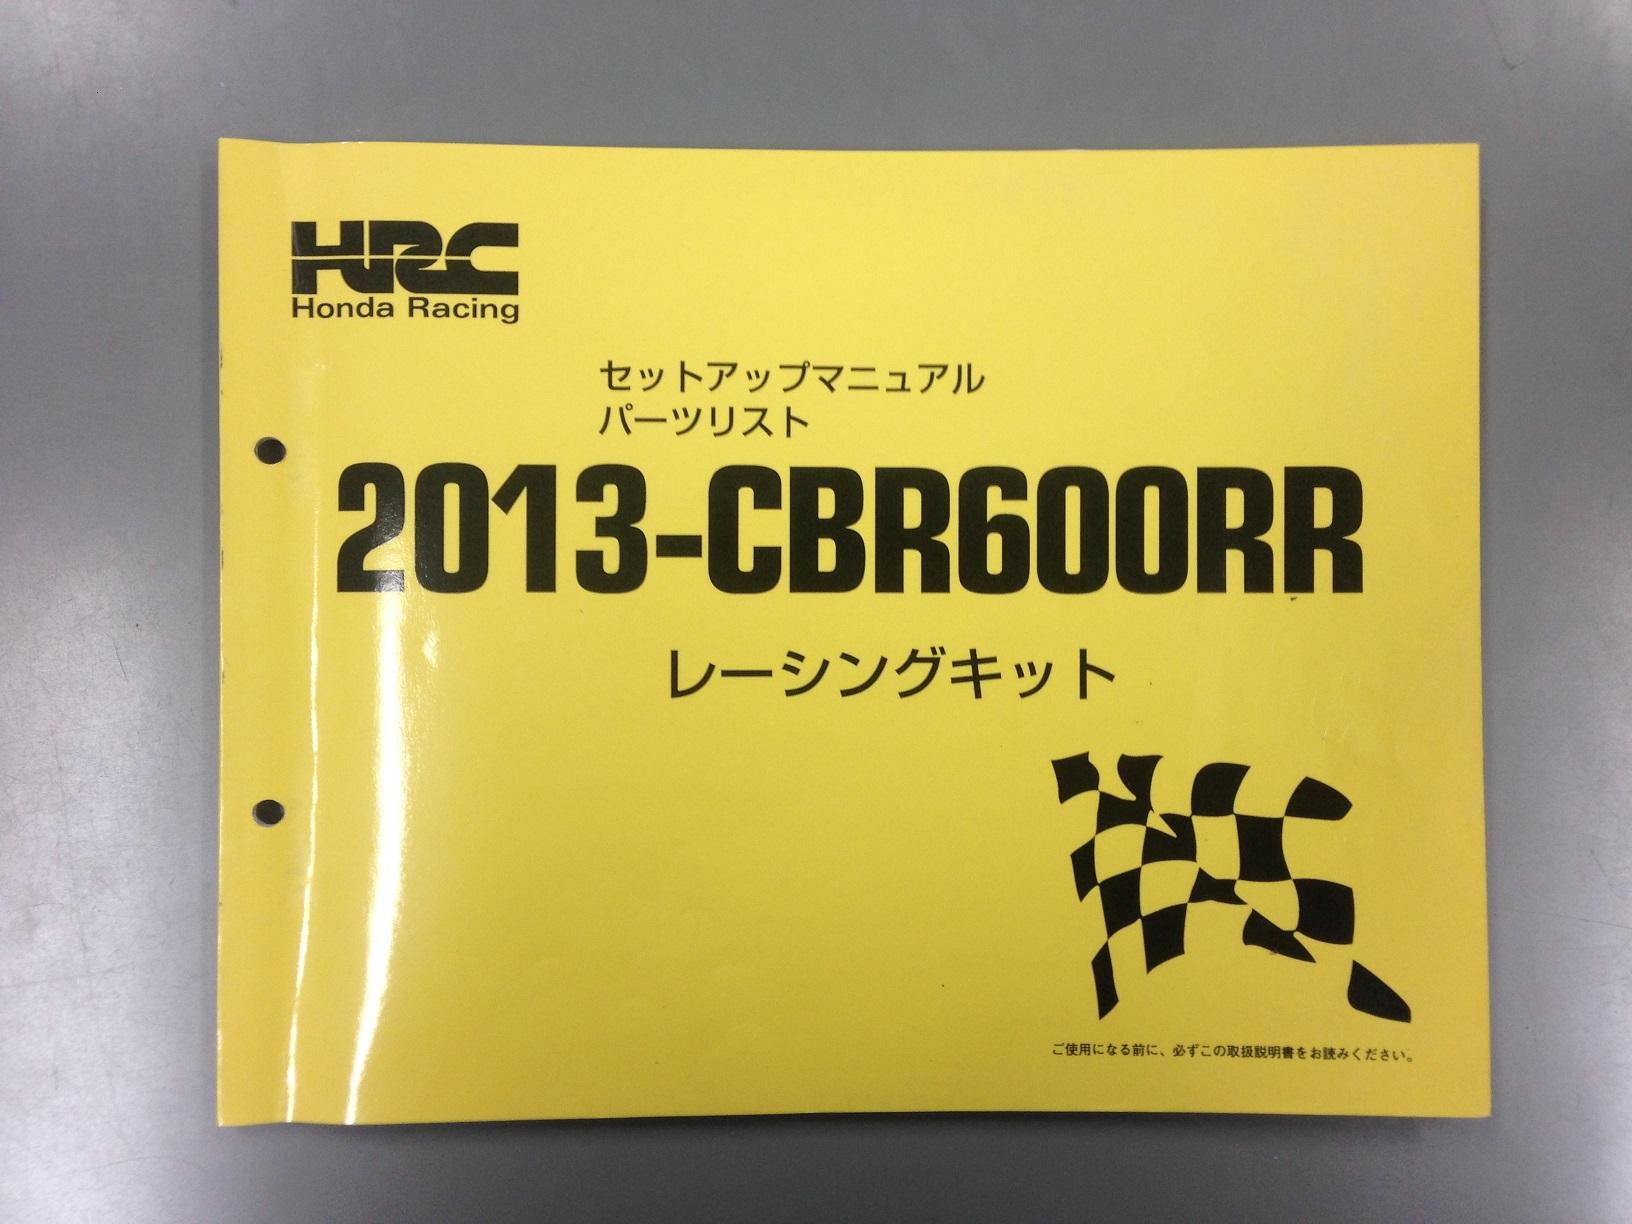 2013 CBR600RR HRCマニュアル・パーツリスト